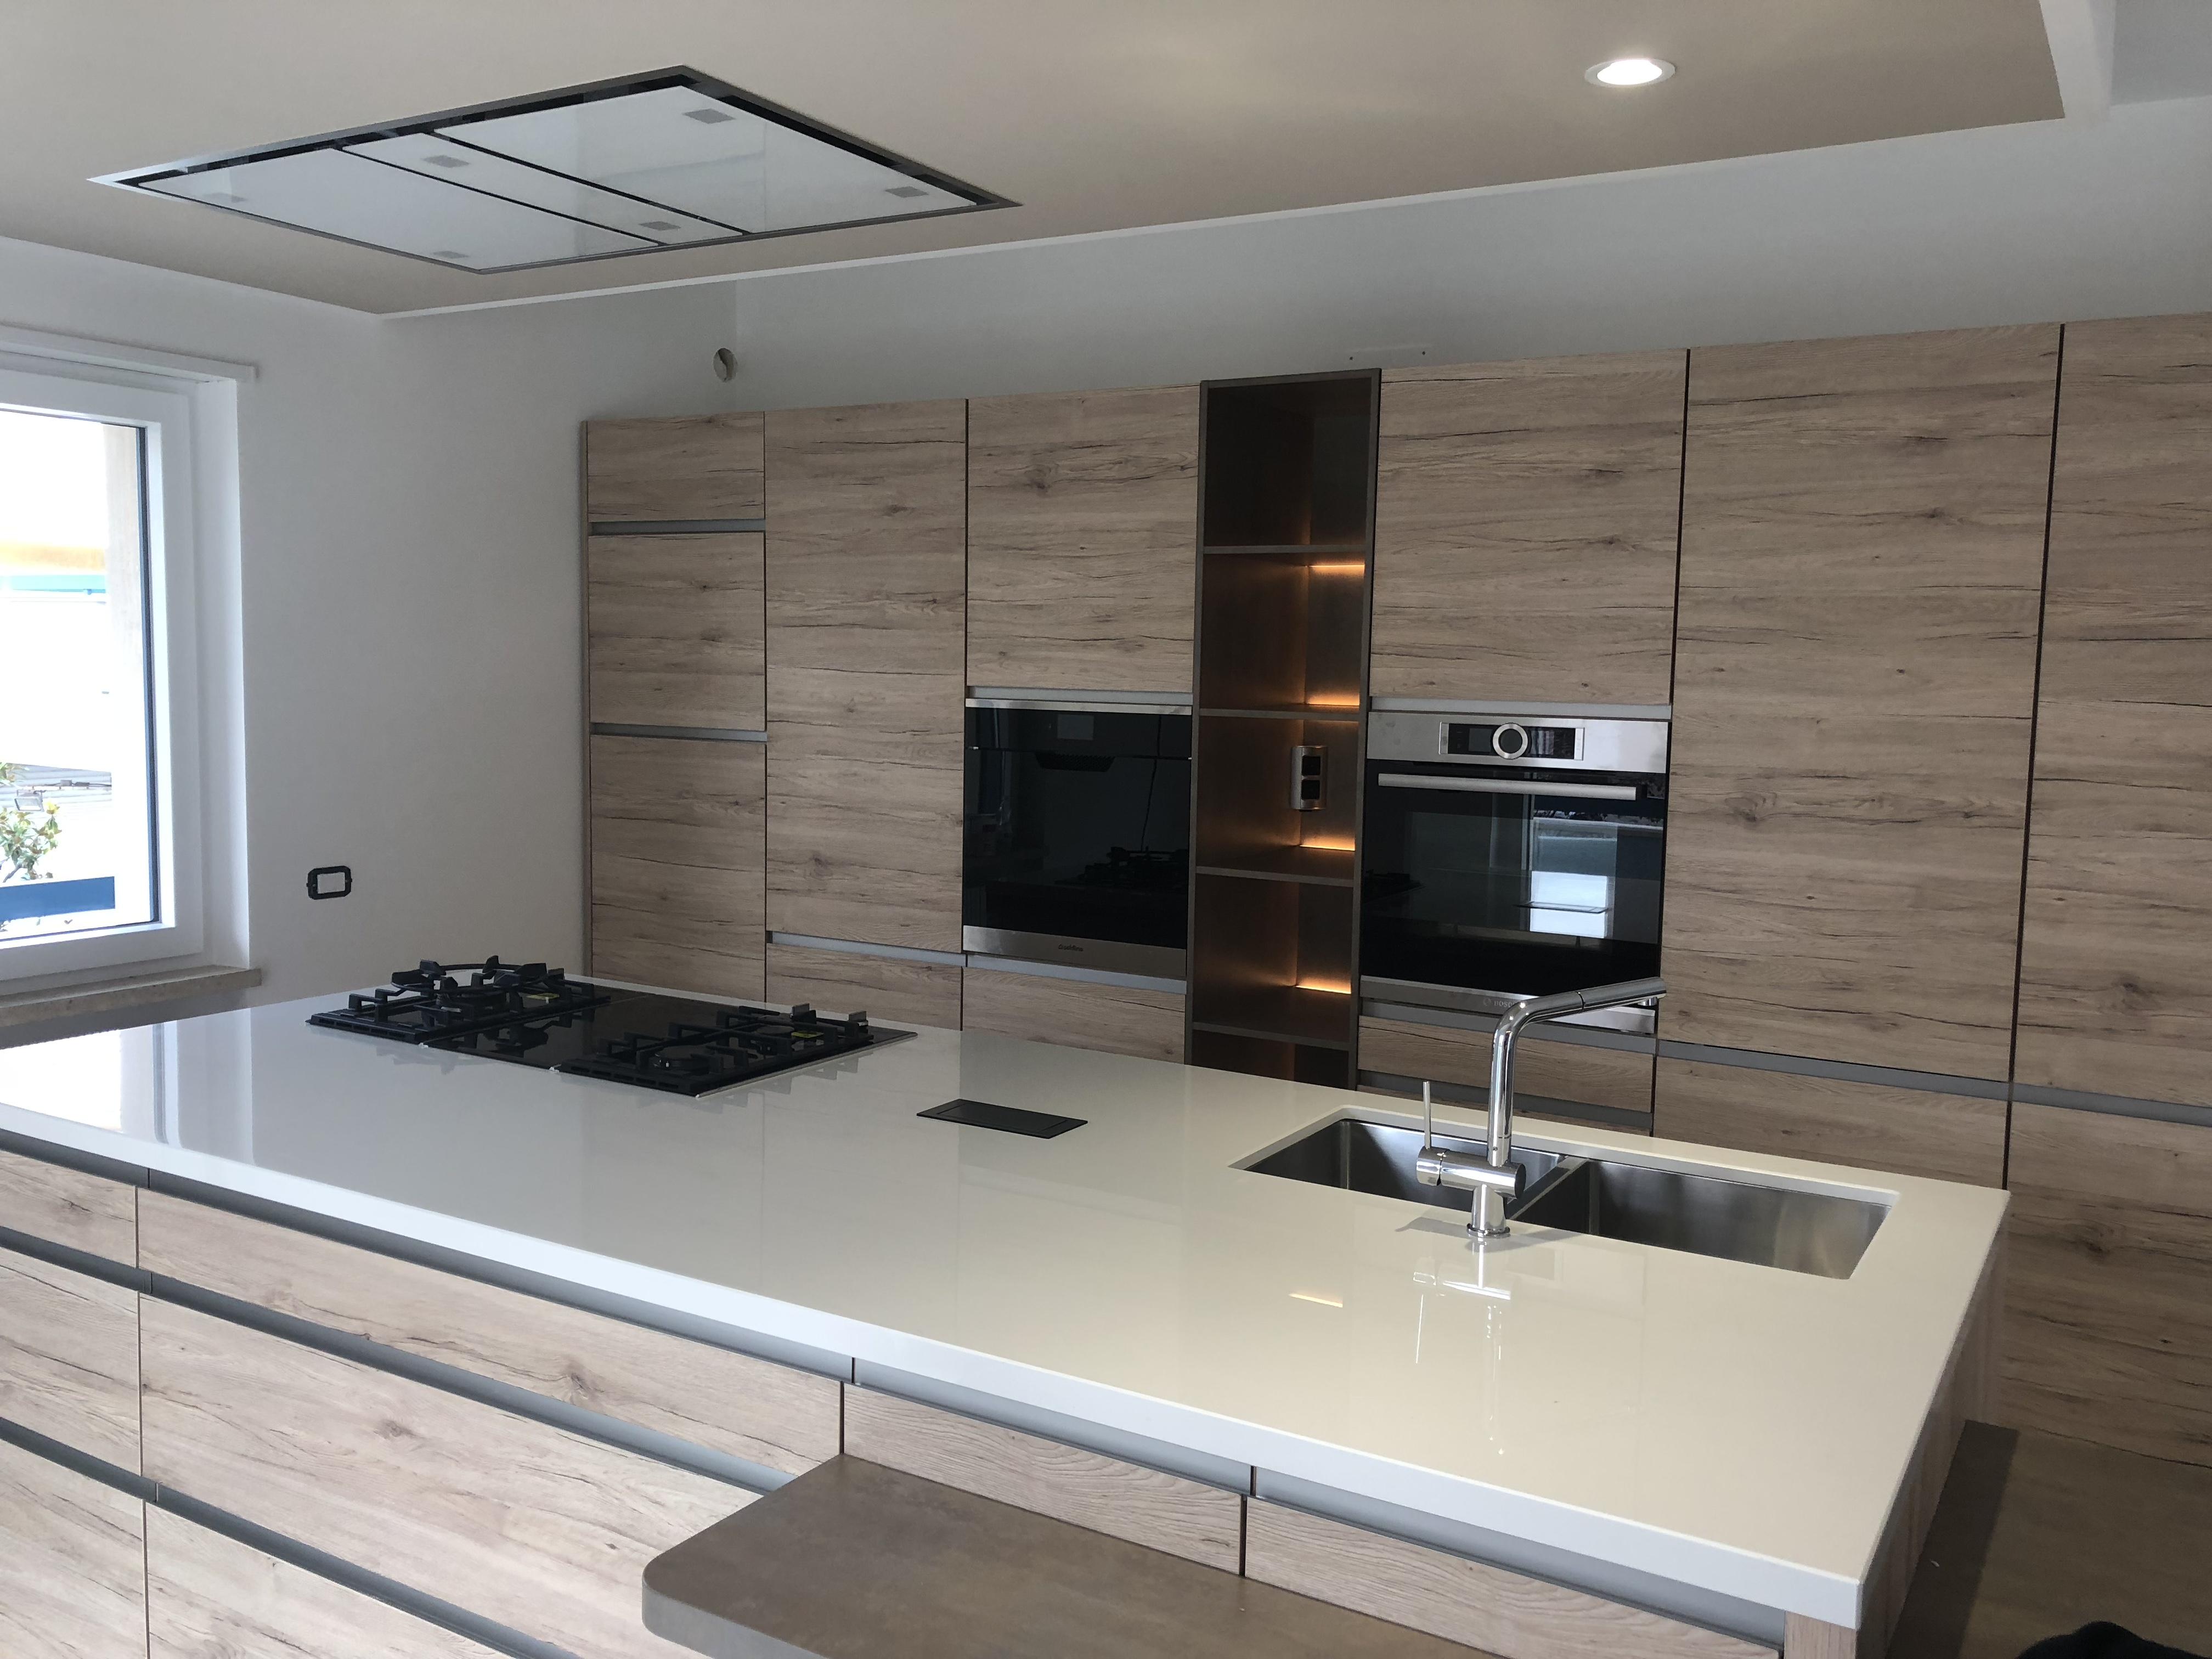 Camere Da Letto Taranto prima e dopo: i progetti di soluzione casa | arredamento